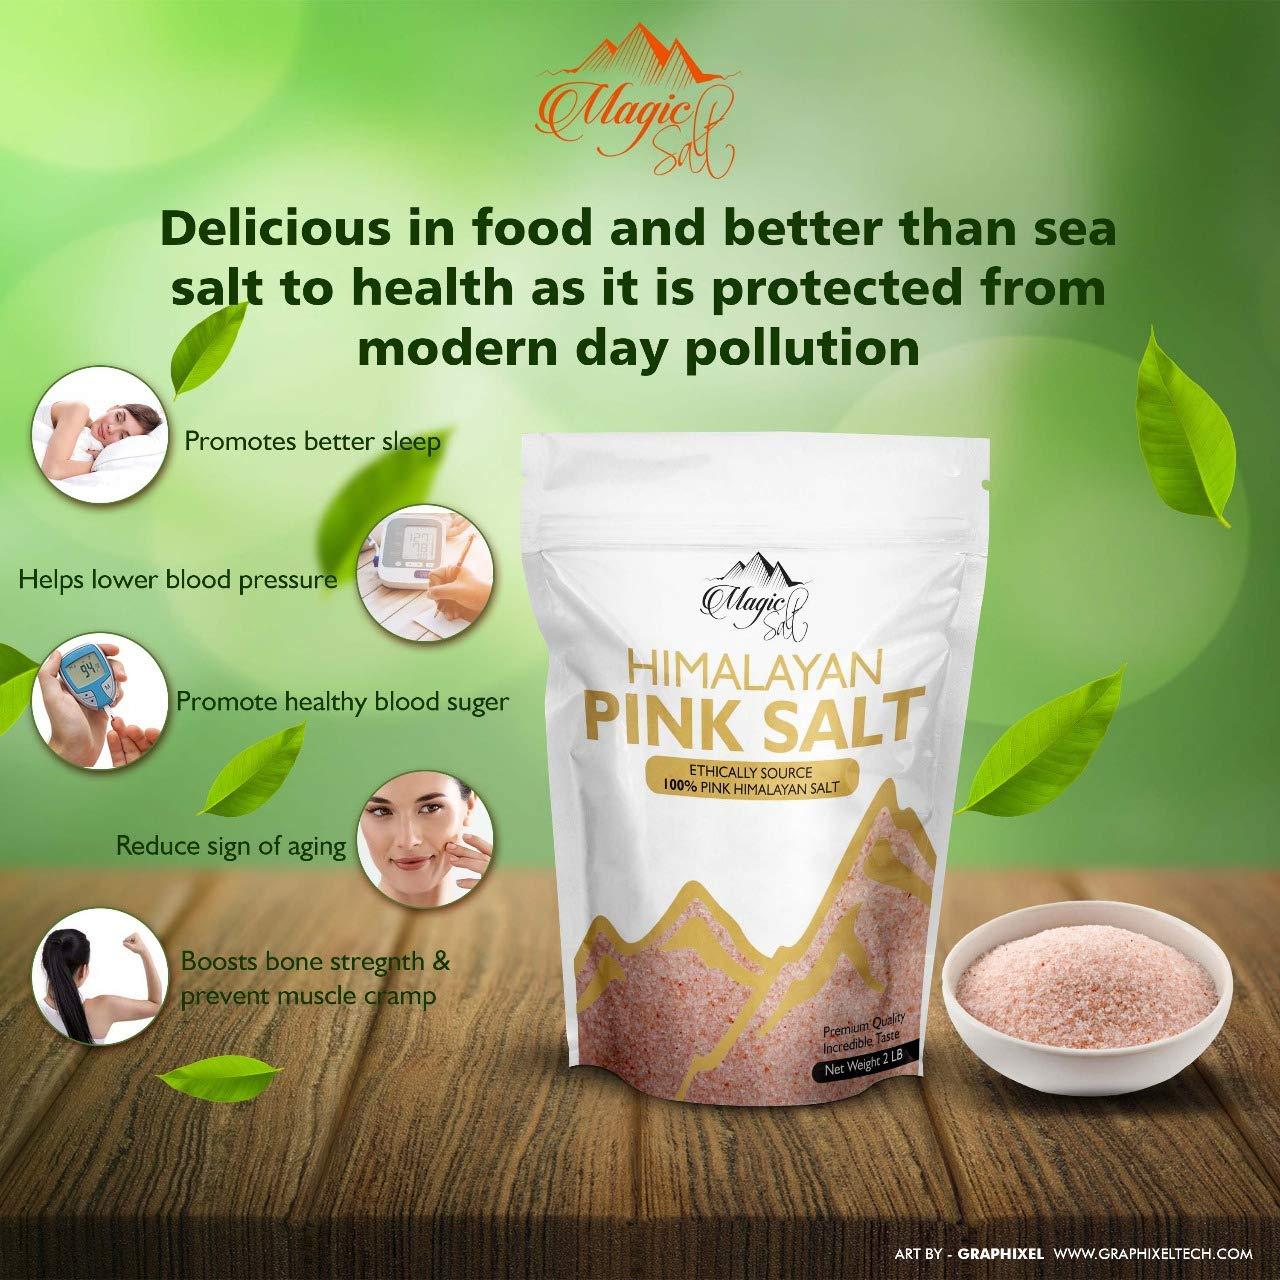 Magic Salt ® Himalayan Fine Pink Salt Pure and Naturally Organic Food Grade Fine Salt